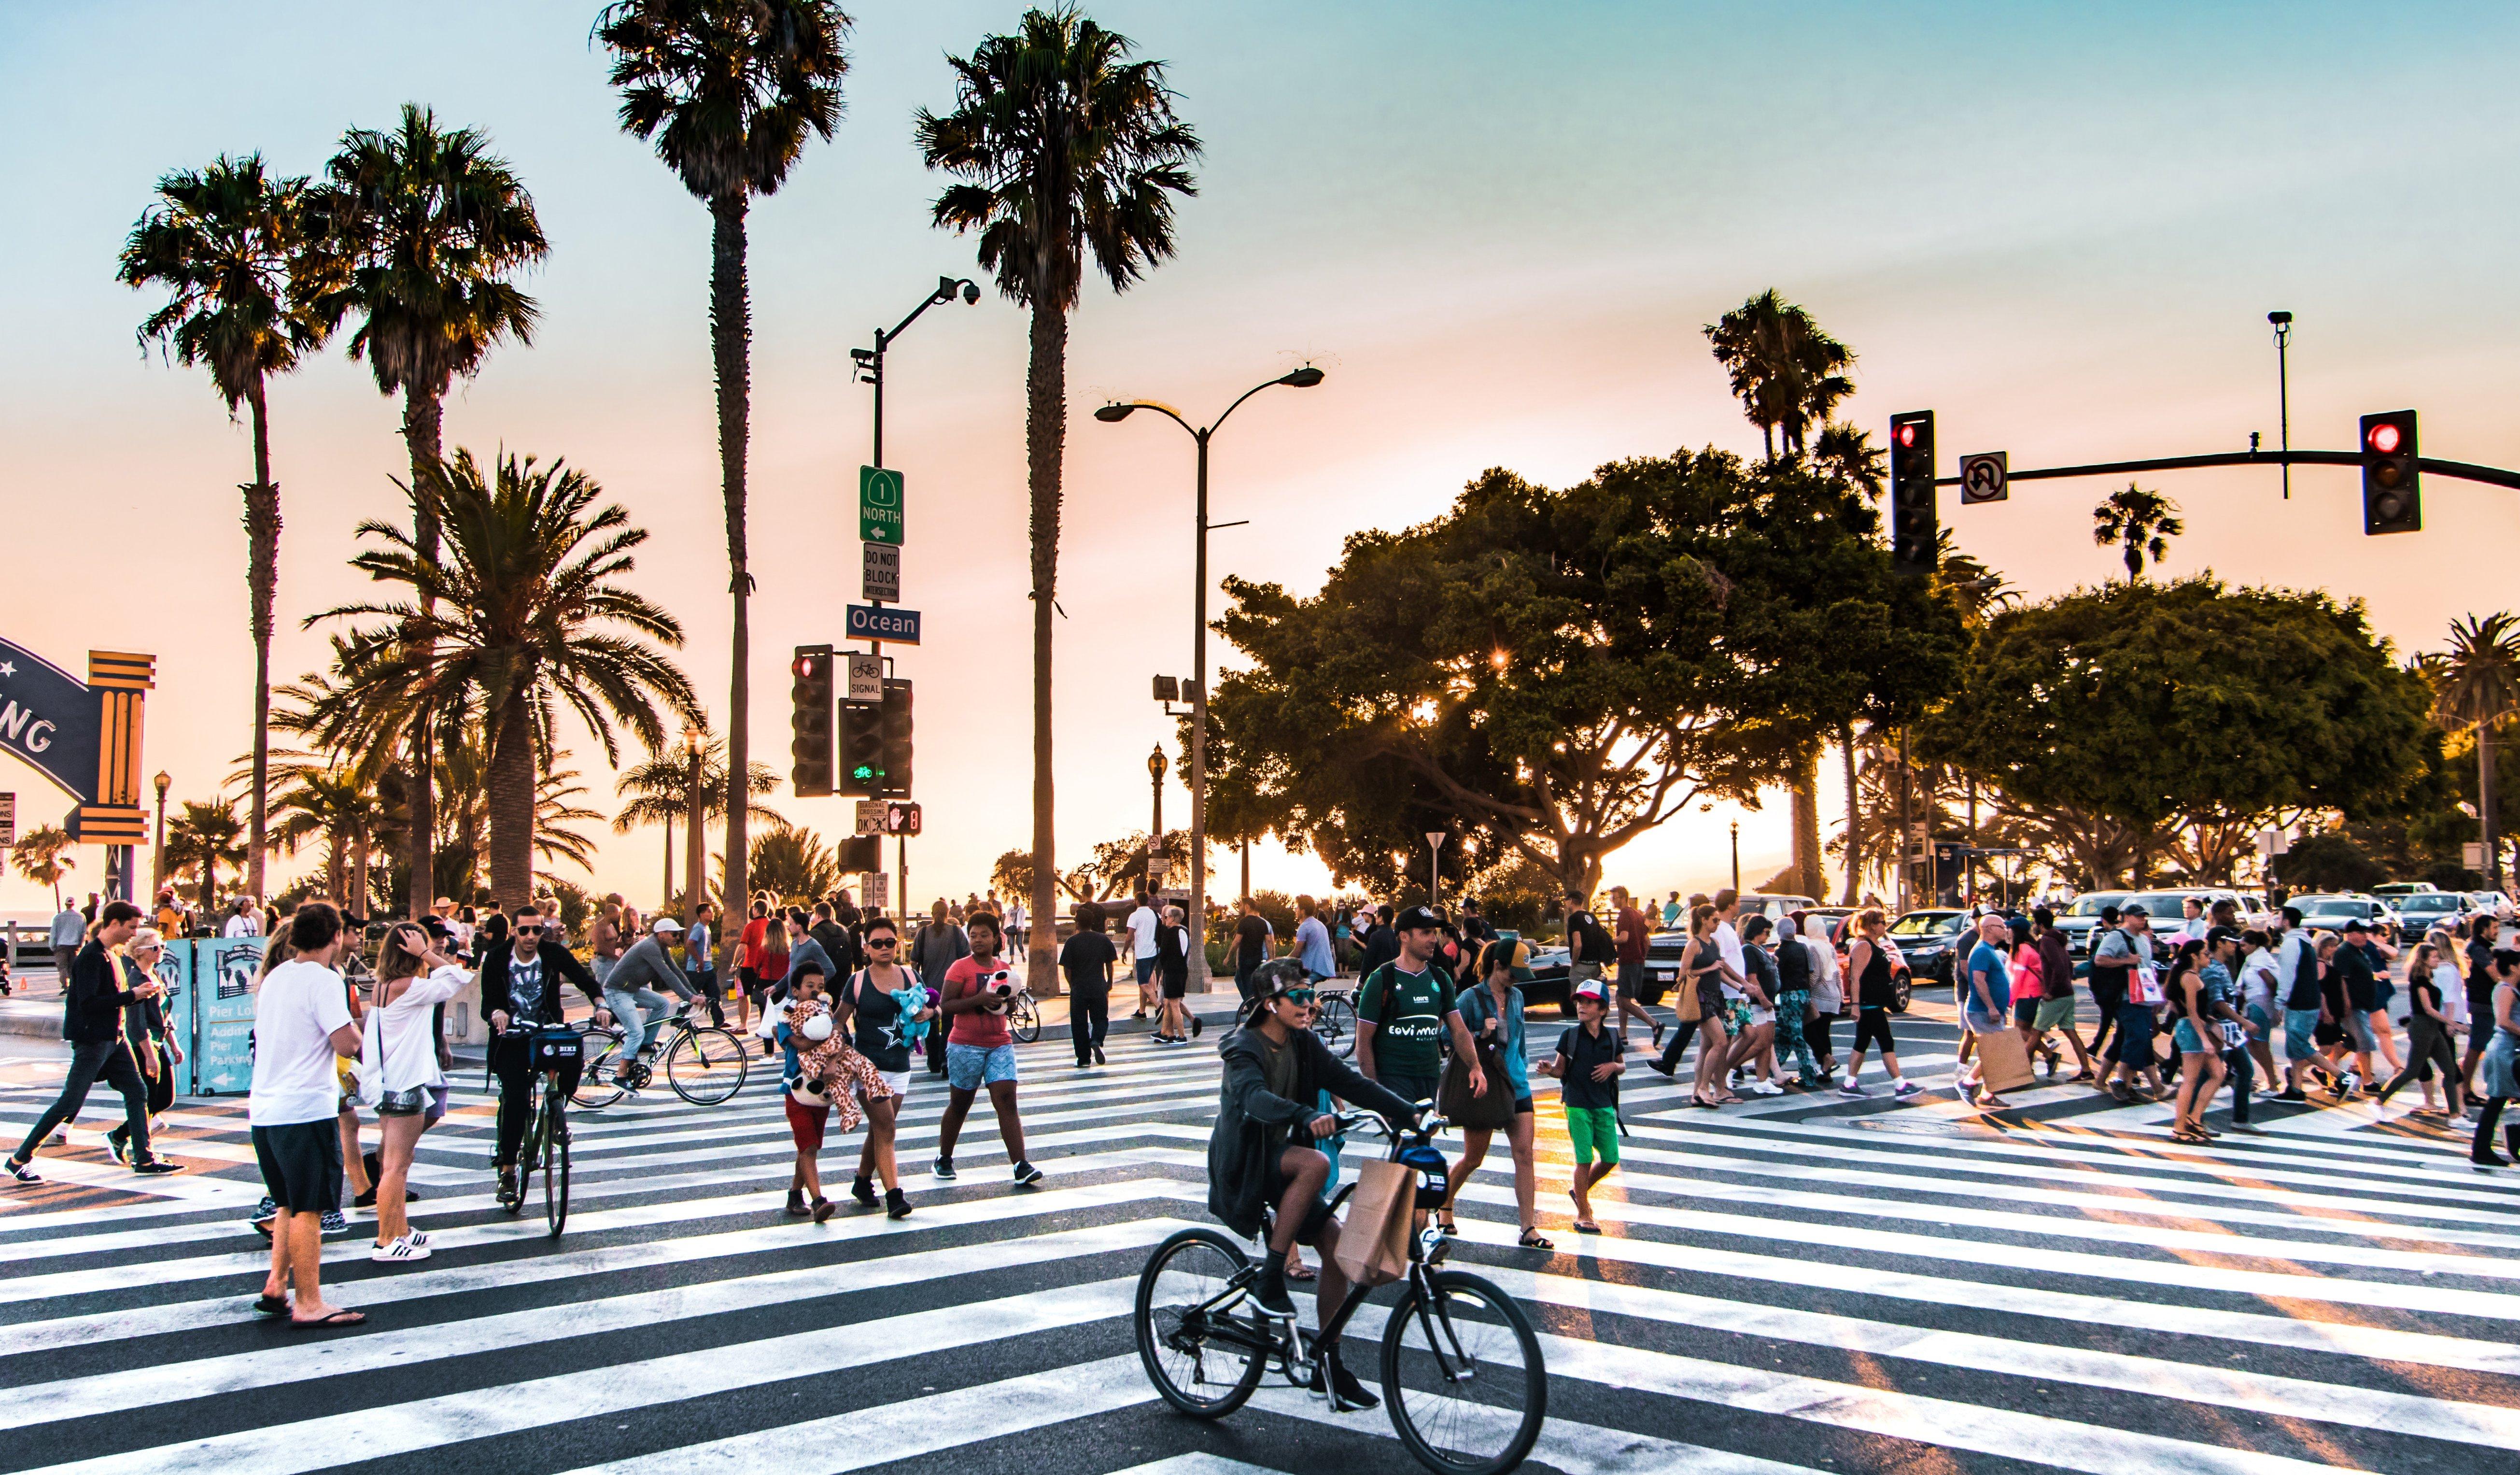 Los Angeles crosswalk